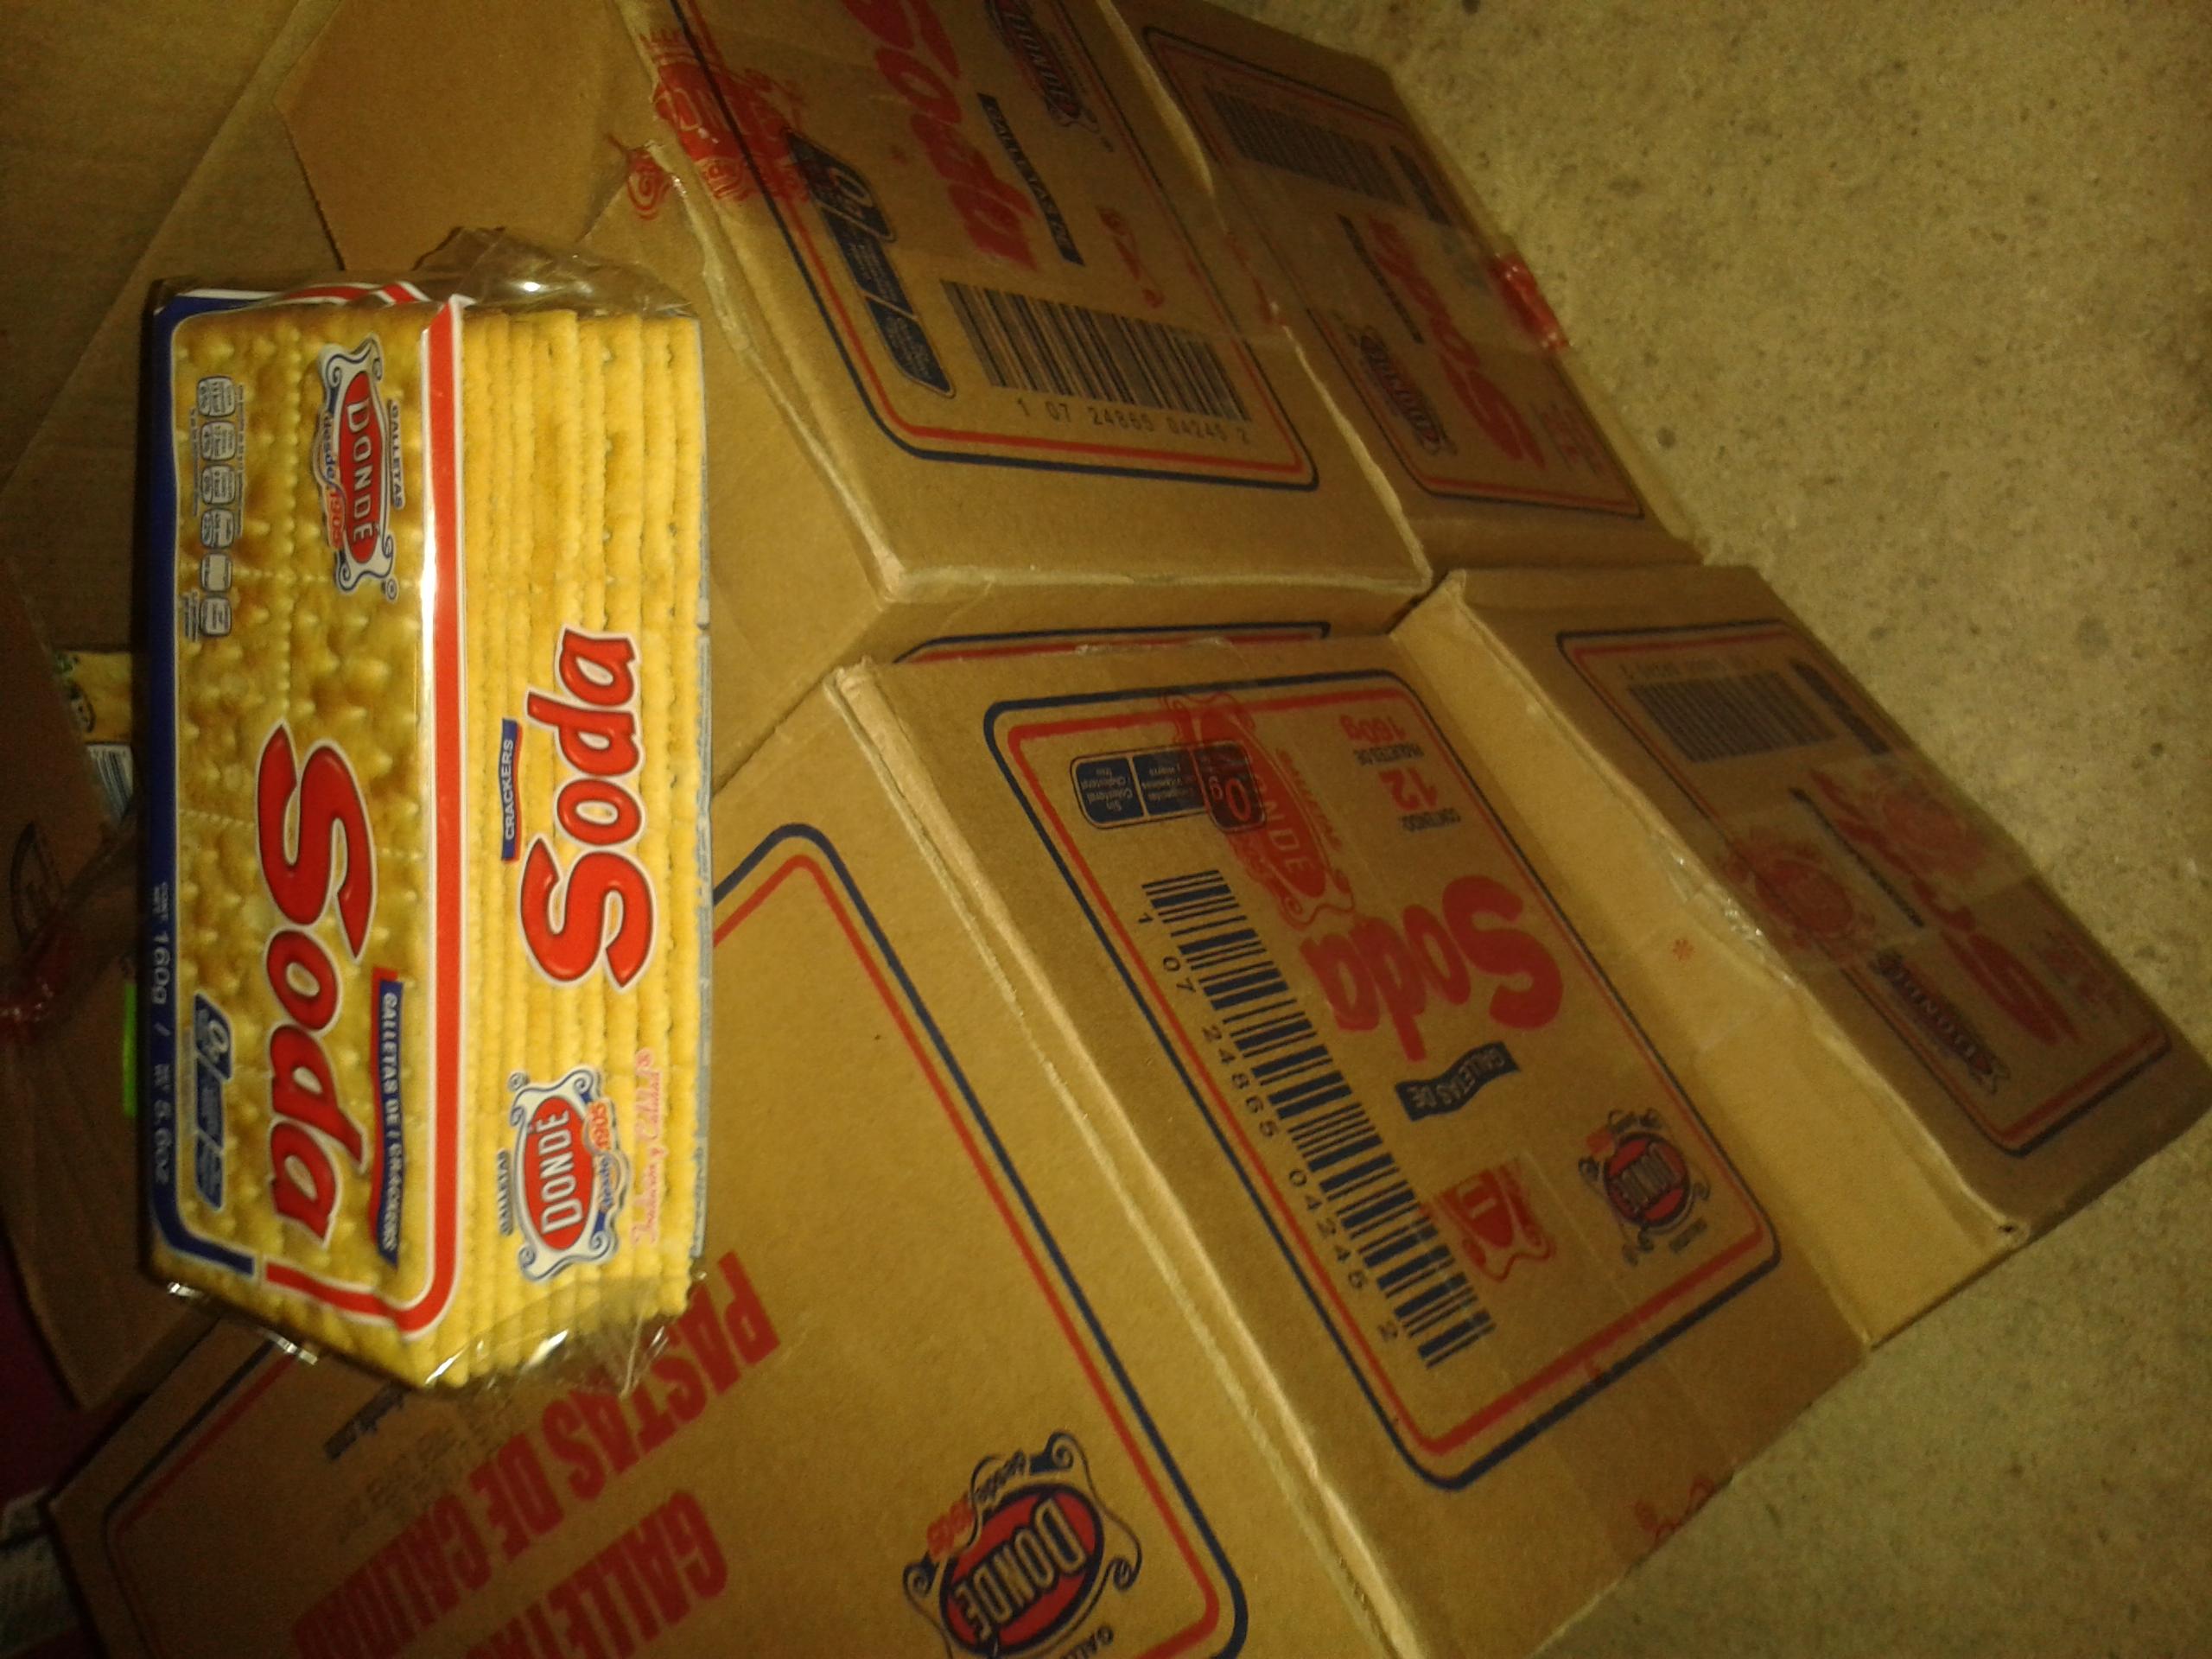 Chedraui Campeche Santa Ana: galleta soda a $2.95 y con descuento a $2.65